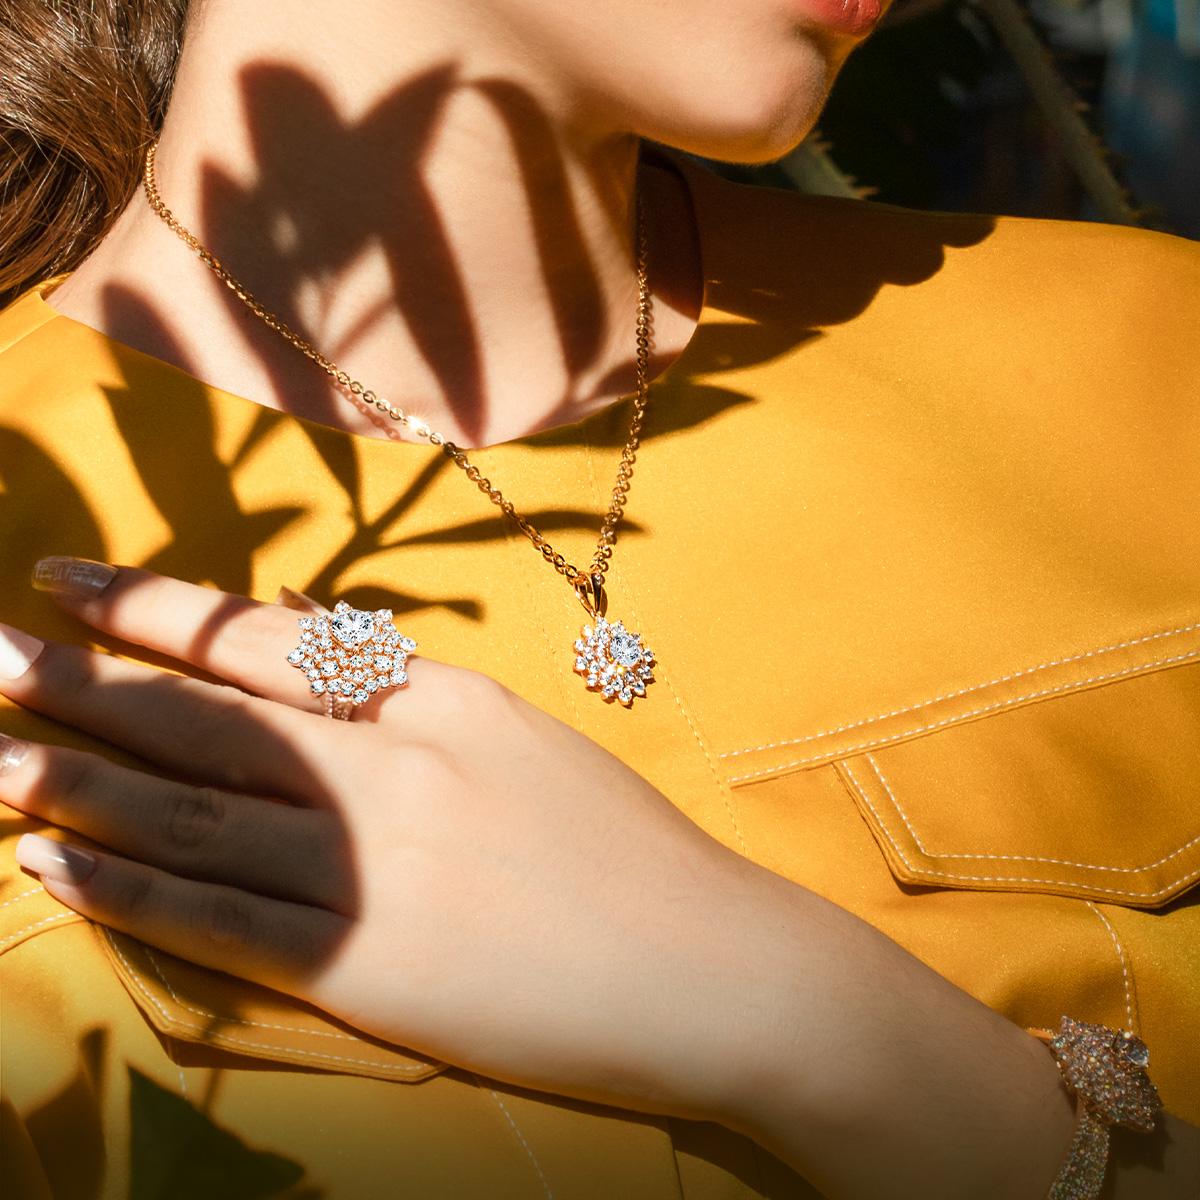 Những cánh hoa rực rỡ khoe sắc là cảm hứng của những bộ trang sức cao cấp. Chất liệu vàng hồng 18K trẻ trung, phom dáng mềm mại, kết hợp cùng đá Cubic Zirconia, giúp bạn hóa thân thành nàng thơ.